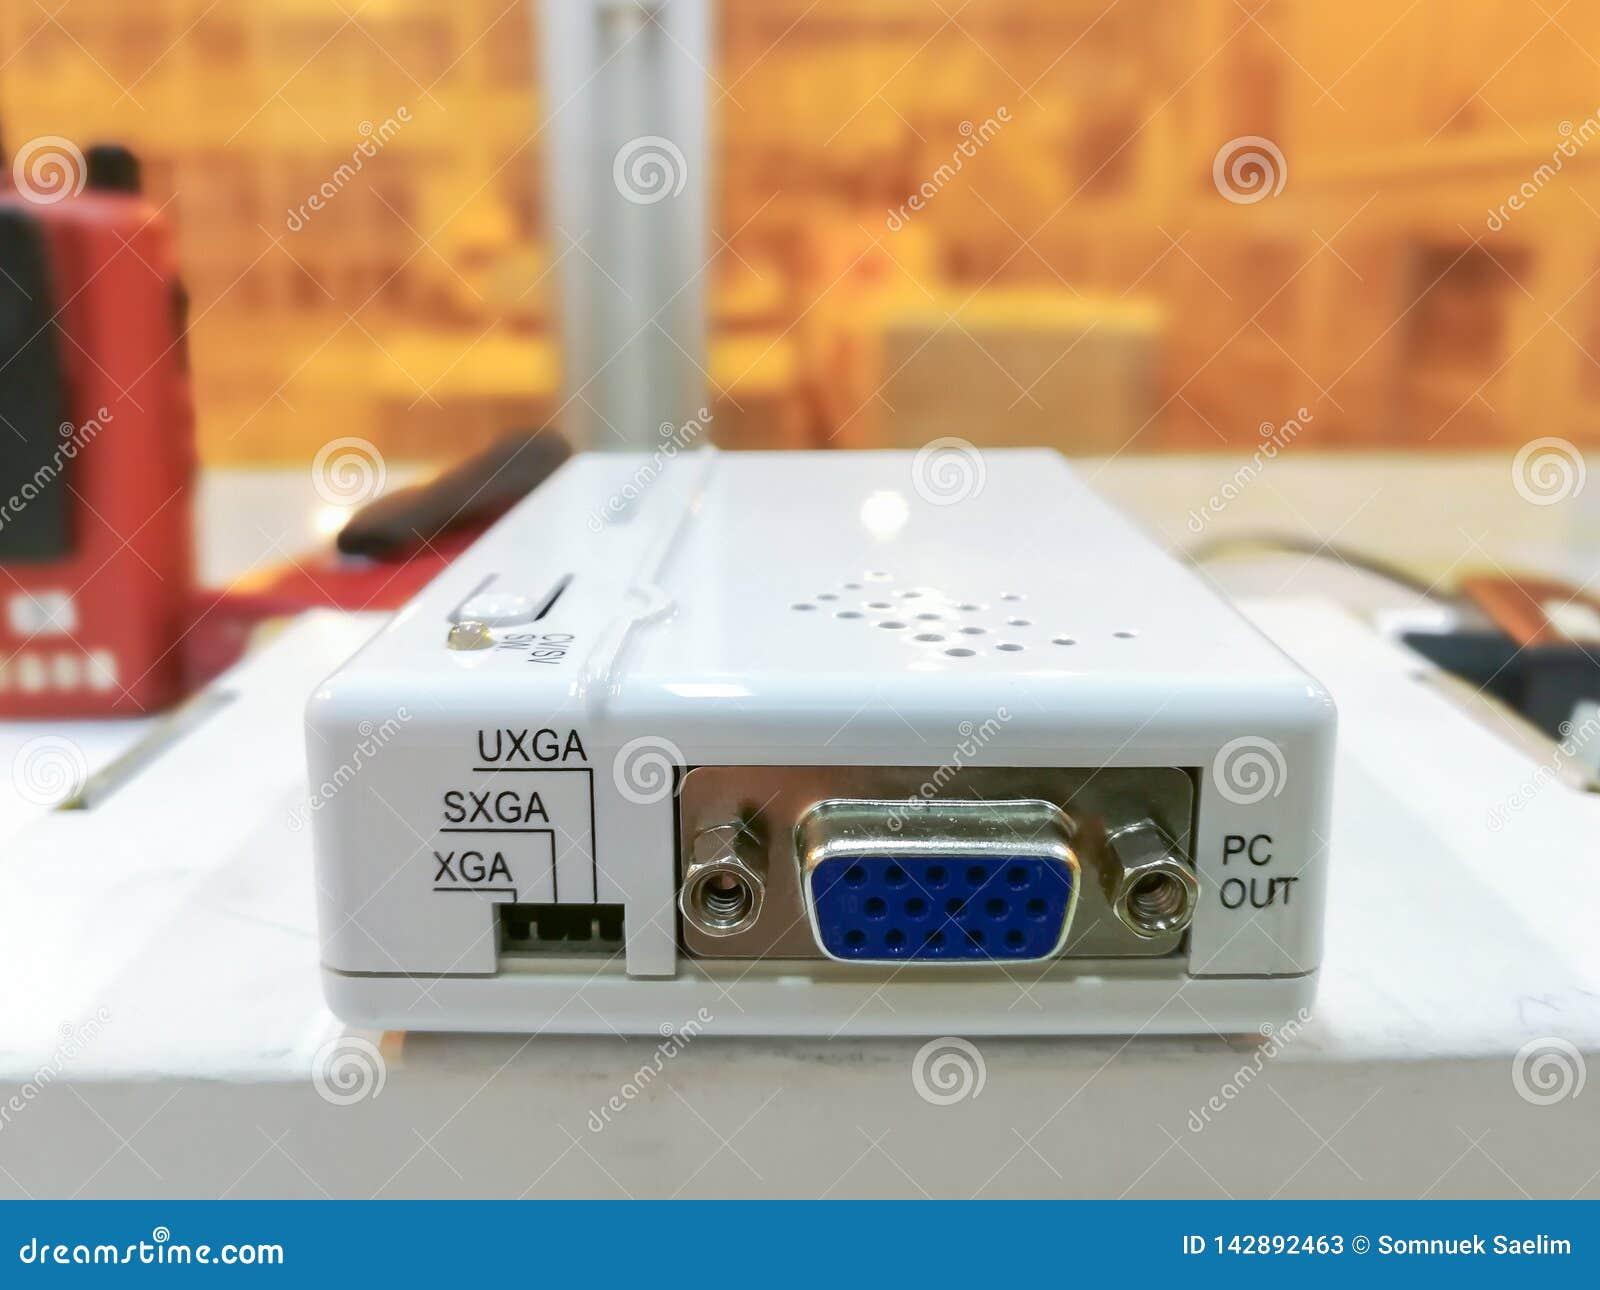 Vídeo eletrônico do conversor da caixa branca ao PC, módulo do conversor dos meios usado no fundo da indústria